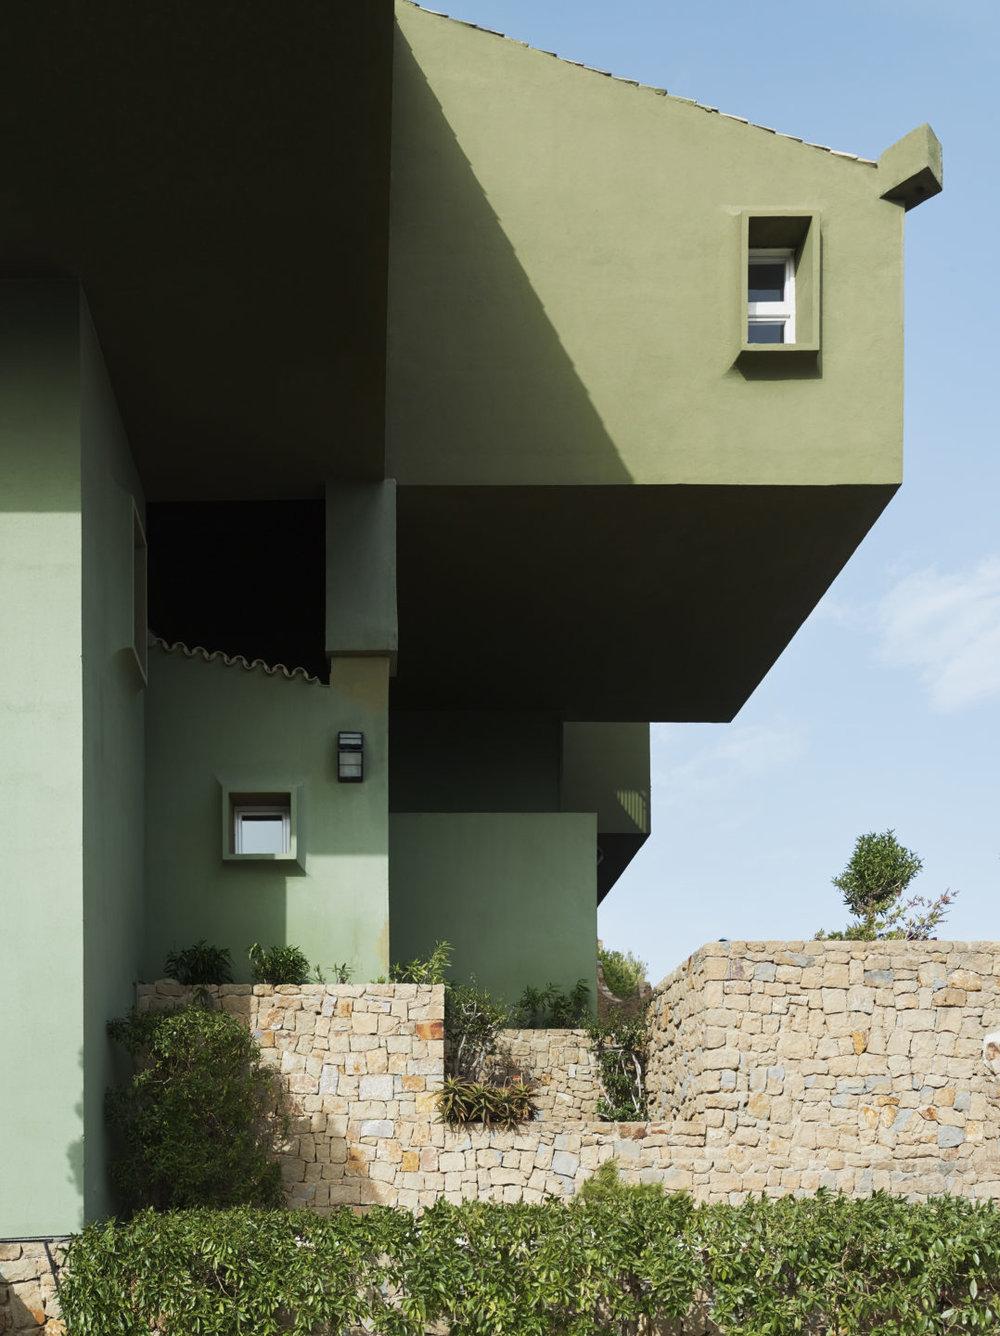 xanadu_calpe_spain_ricardo_bofill_taller_arquitectura_08-1078x1440.jpg